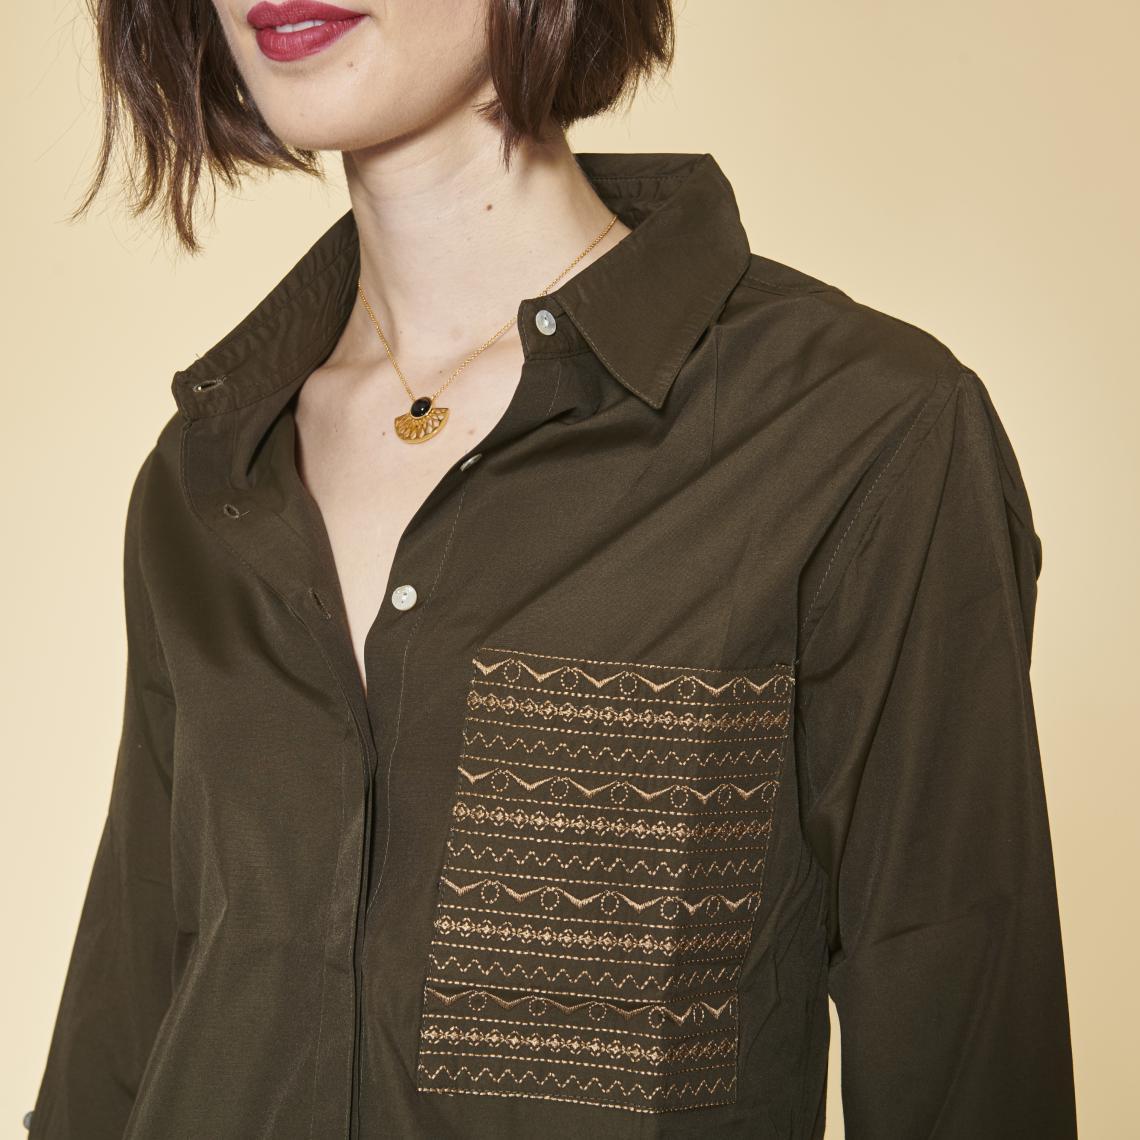 Chemise asymétrique fendue boutons latéraux manches longues femme - Kaki SvgRC